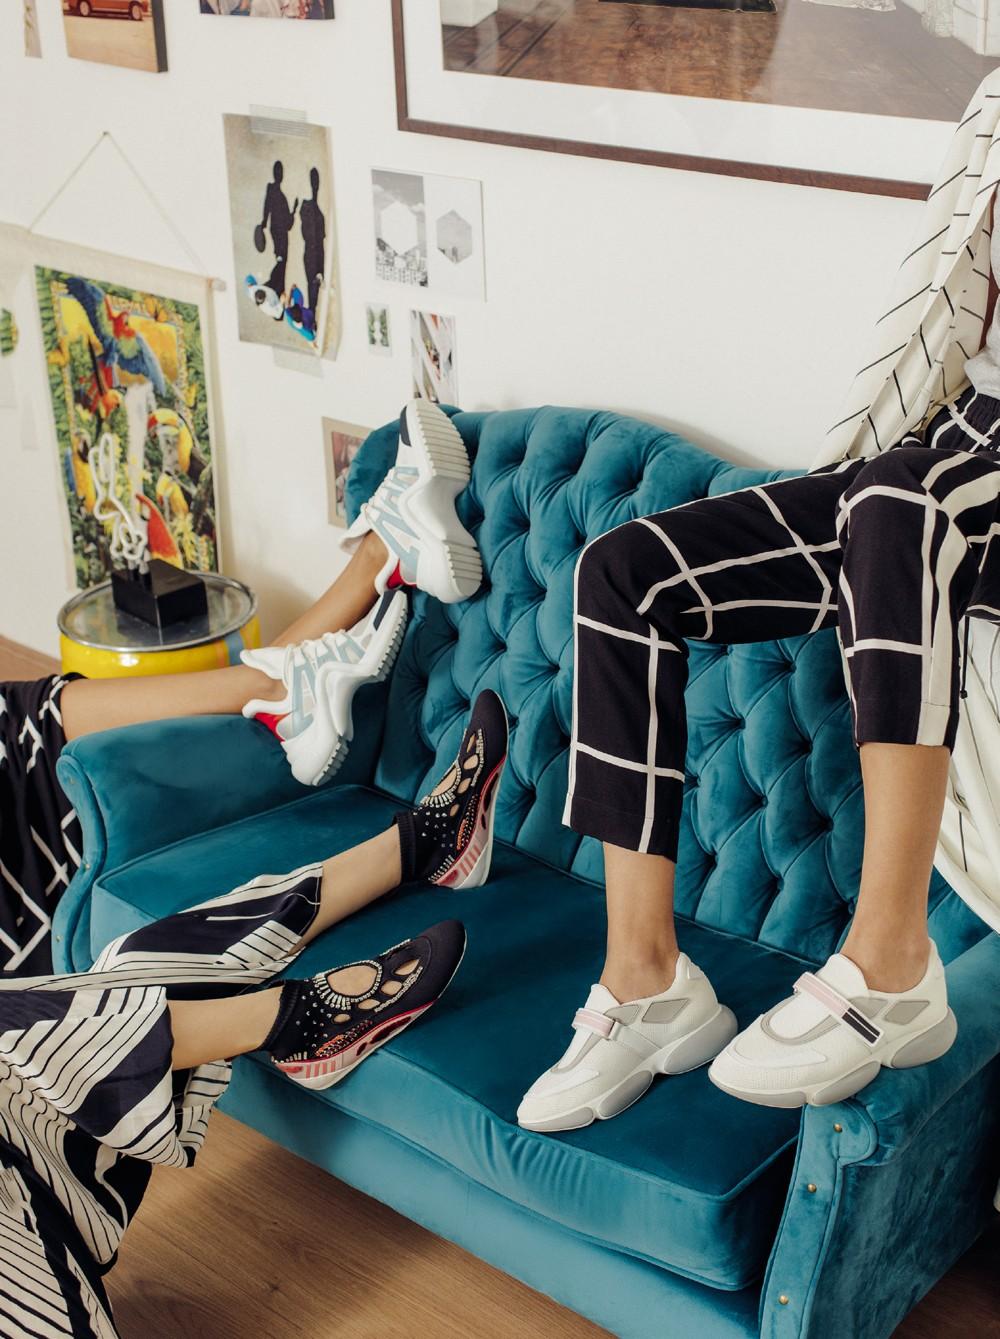 Esporte chique: grifes lançam suas versões de tênis extravagantes. Da esquerda para a direita: vestido, R$ 1.958, Cholet, e tênis, R$ 4.300, Louis Vuitton; vestido, R$ 1.590, Le Lis  Blanc, e tênis, R$ 5.400, Valentino; blusa, R$ 2.282, Cris Barros, calça (Foto: Tauana Sofia; styling e produção de moda: Cristiano Oiwane e Neel Ciconello; agradecimento: Suíte Dreams - Maksoud Plaza.)